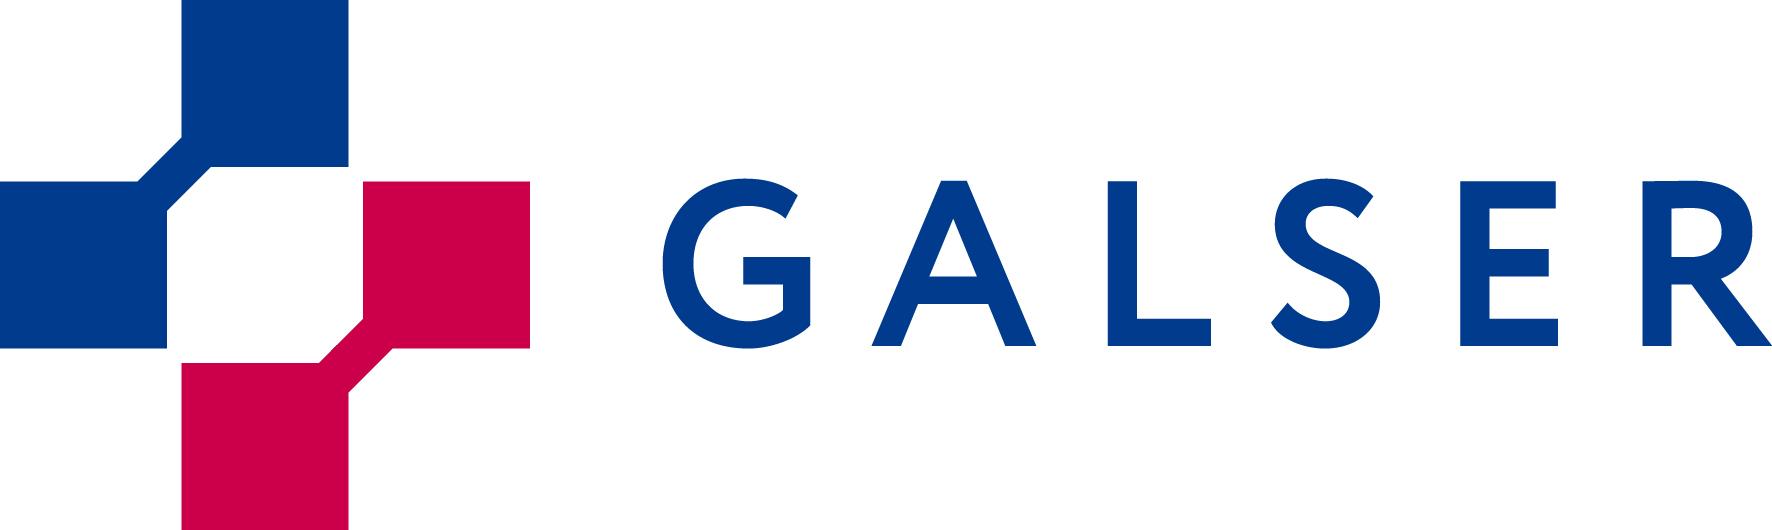 GALSER